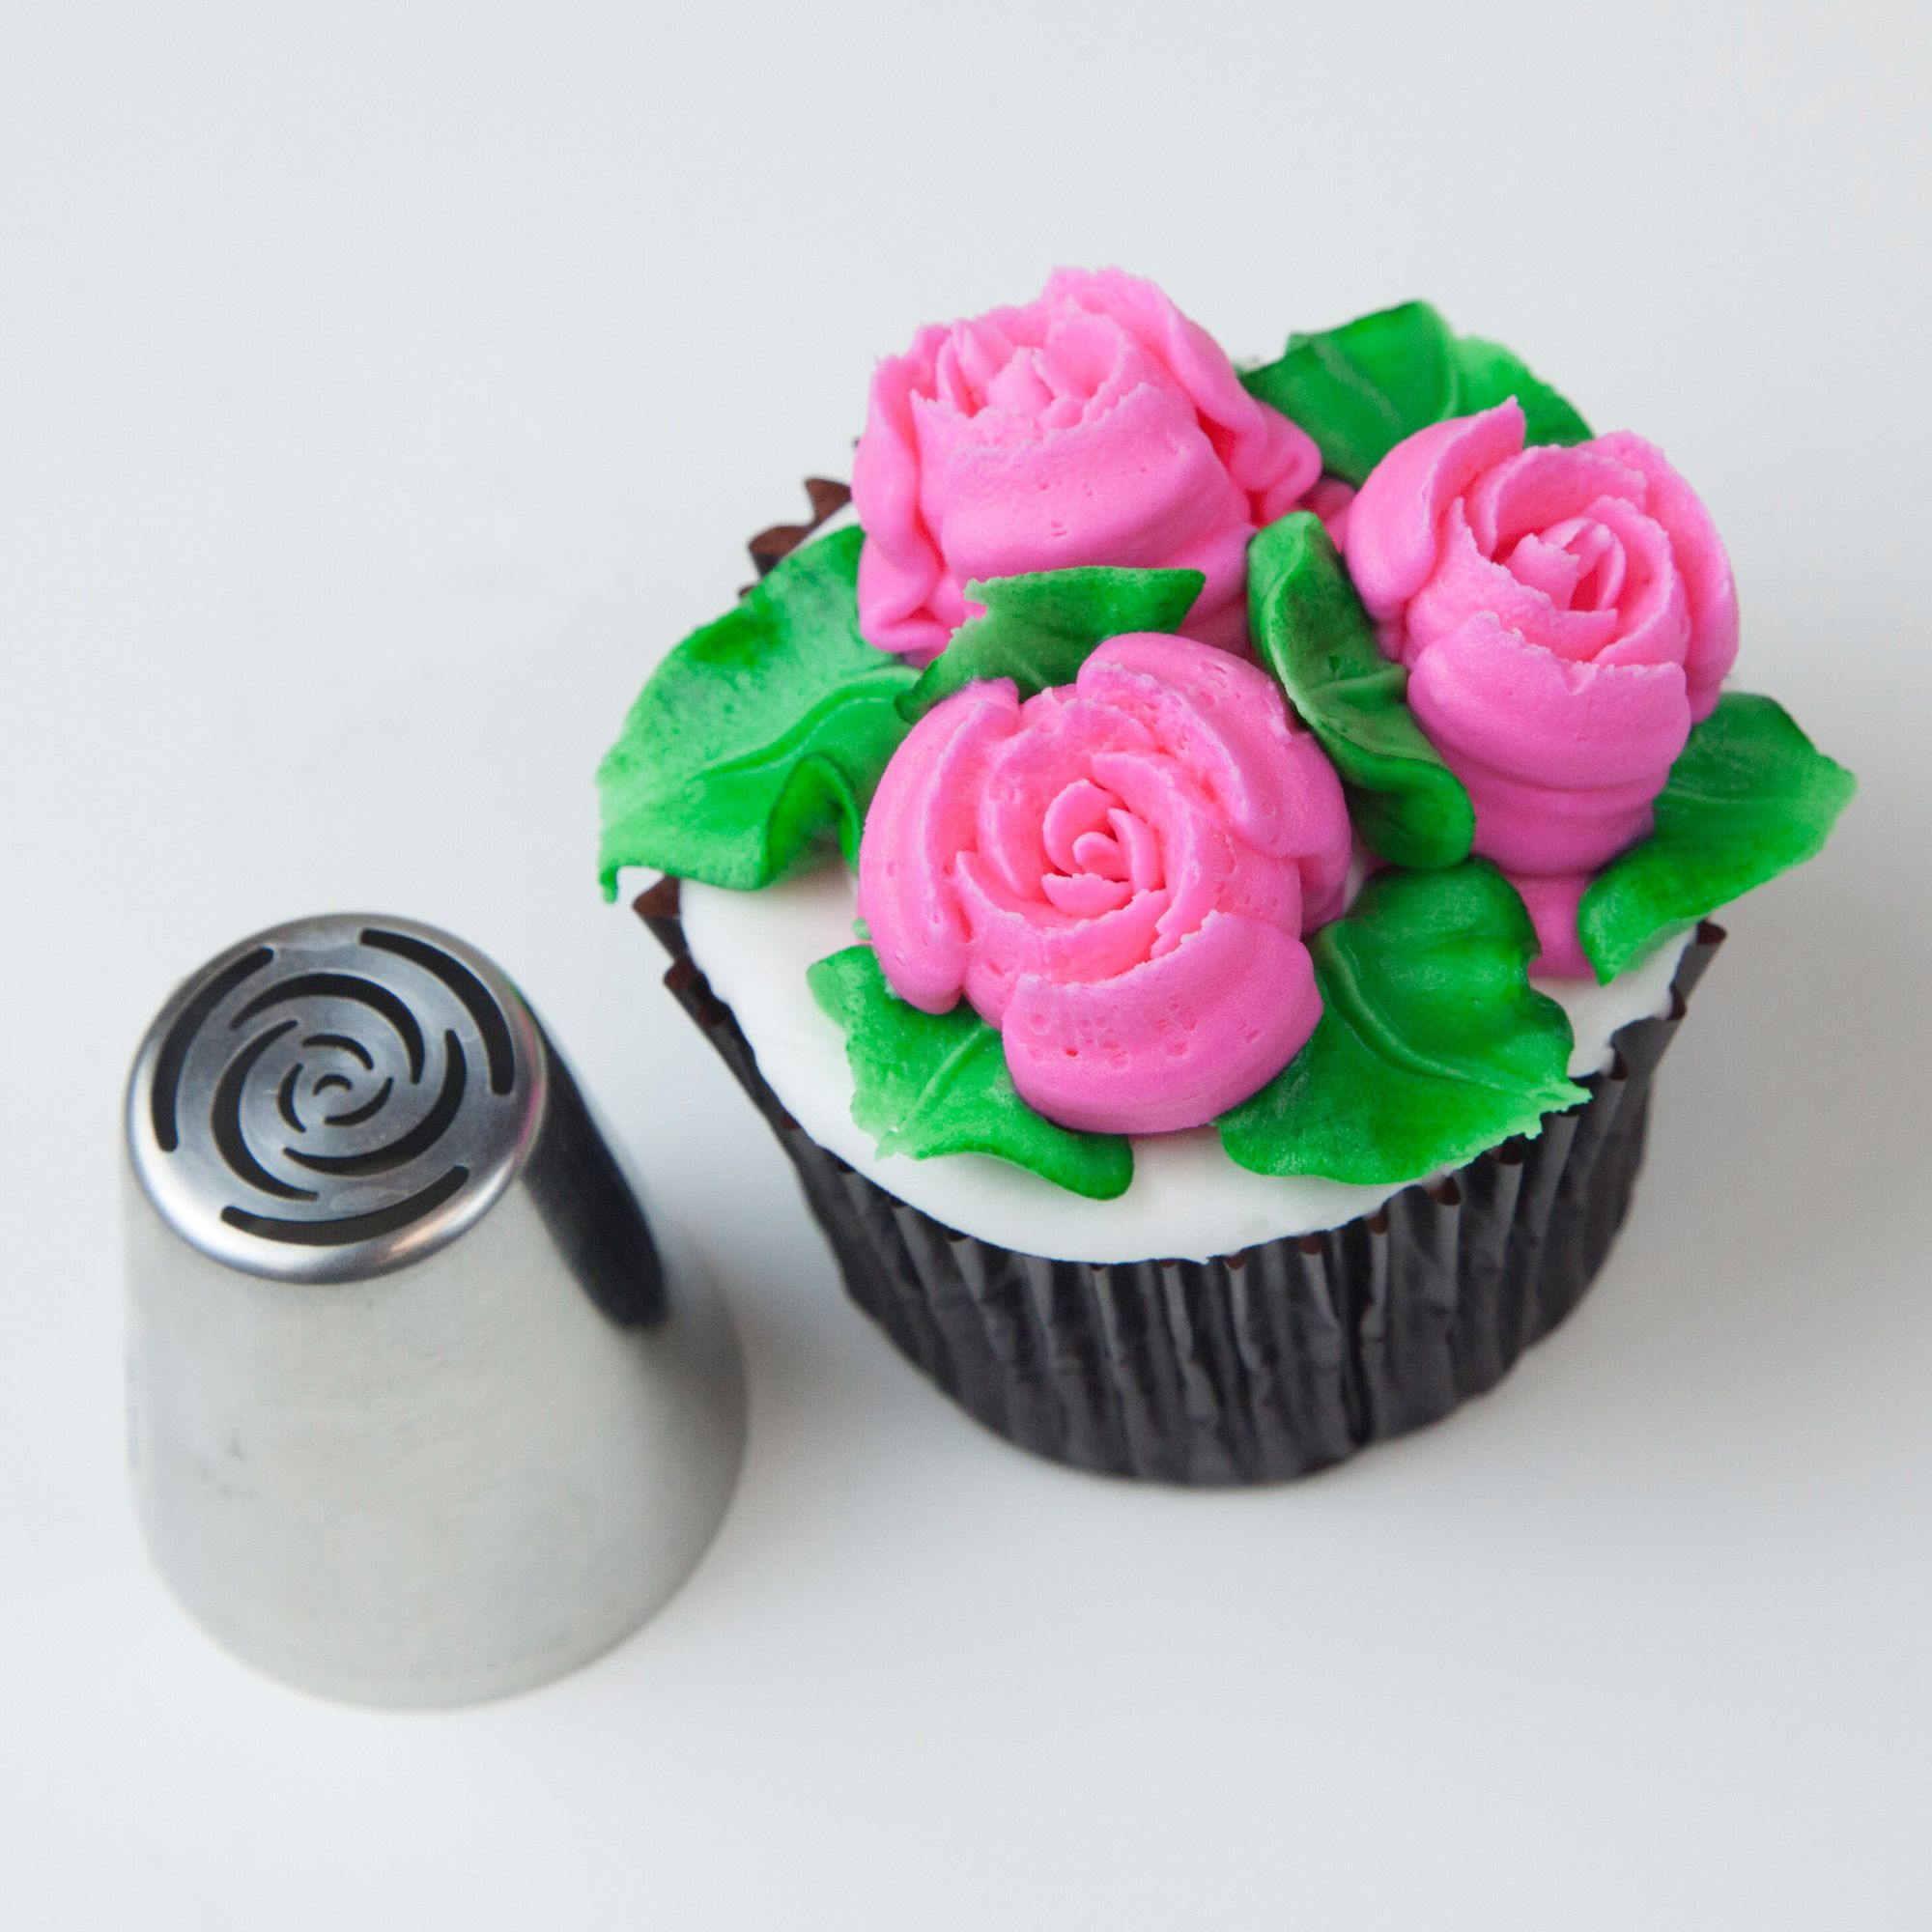 Cake Decorating Tips Roses : Russian 10 Petal Rose Tip Cake Decorating: Russian Tips ...